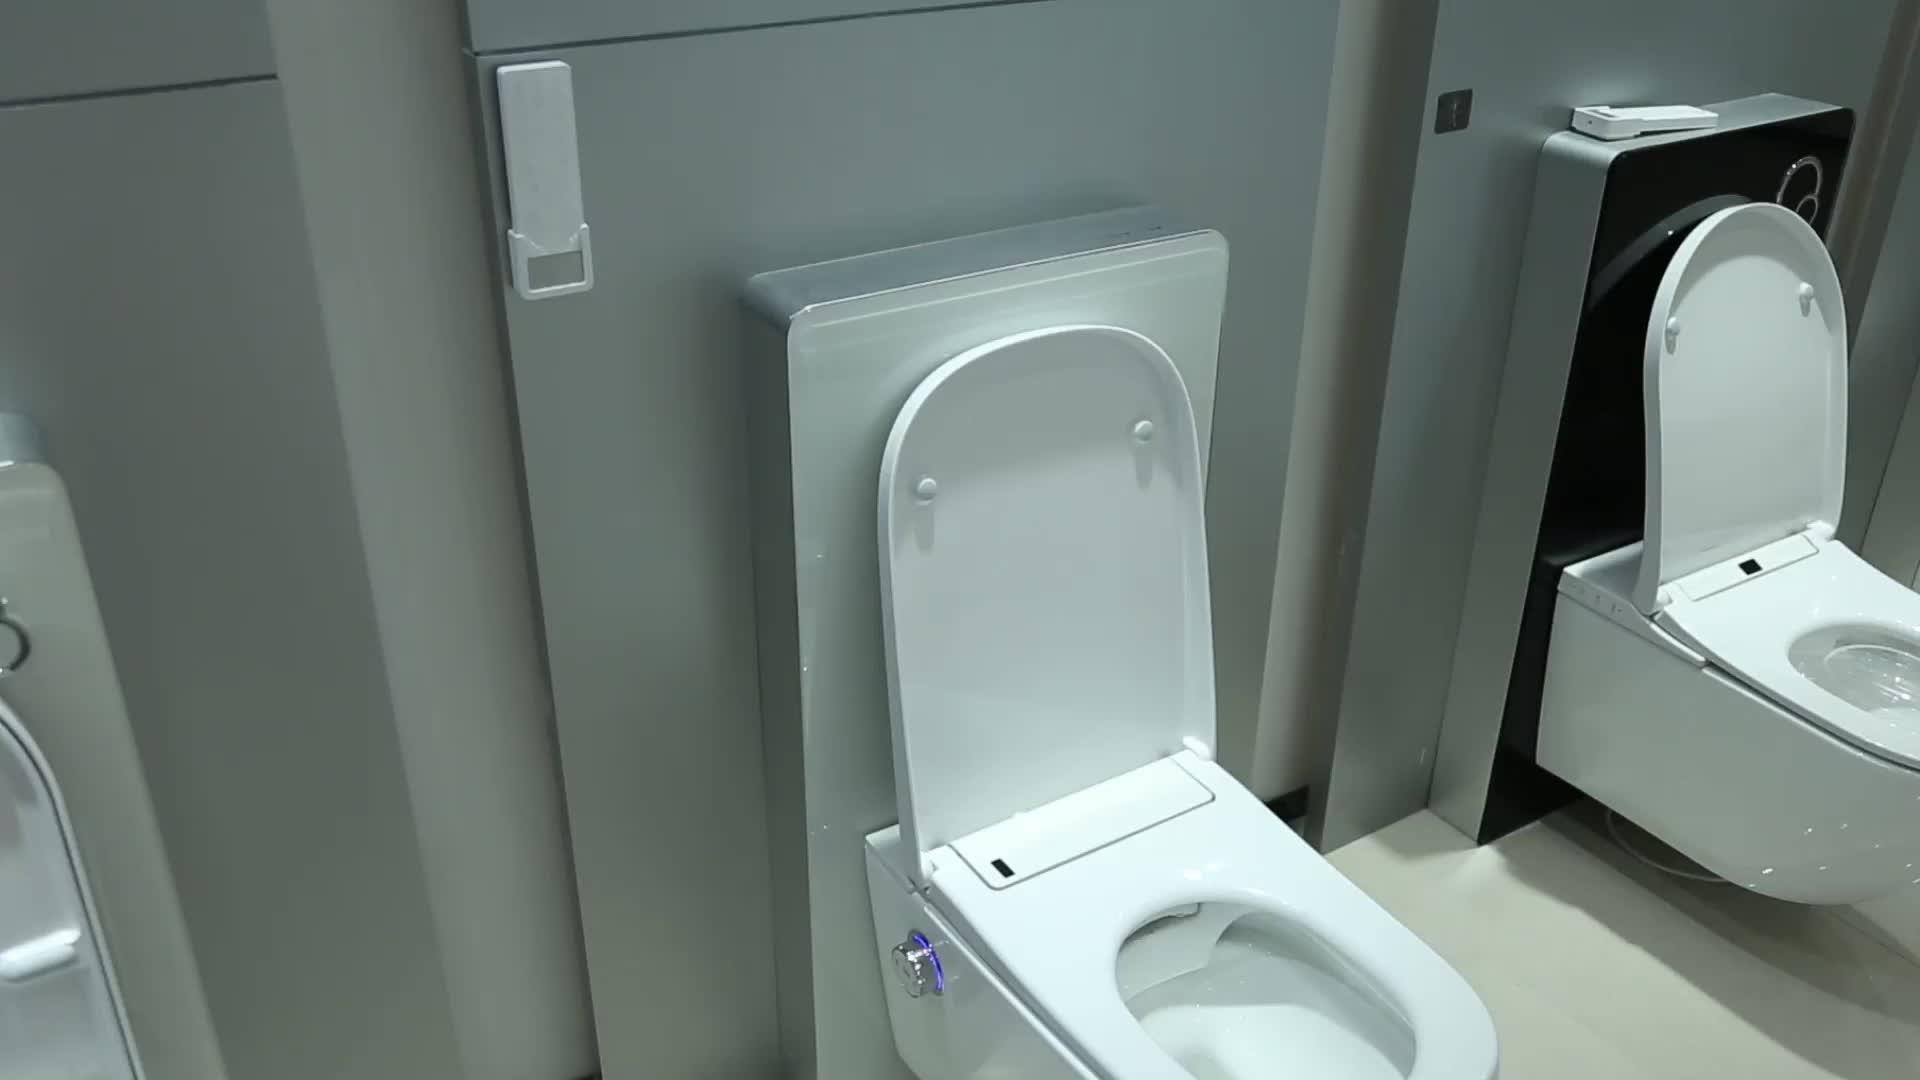 Full Size of Oceanwell Intelligente Dusche Wc Sitz Mit Verschiedenen Funktionen Glastür Schiebetür Moderne Duschen Nischentür Einhebelmischer Wand Bodengleiche Dusche Bidet Dusche